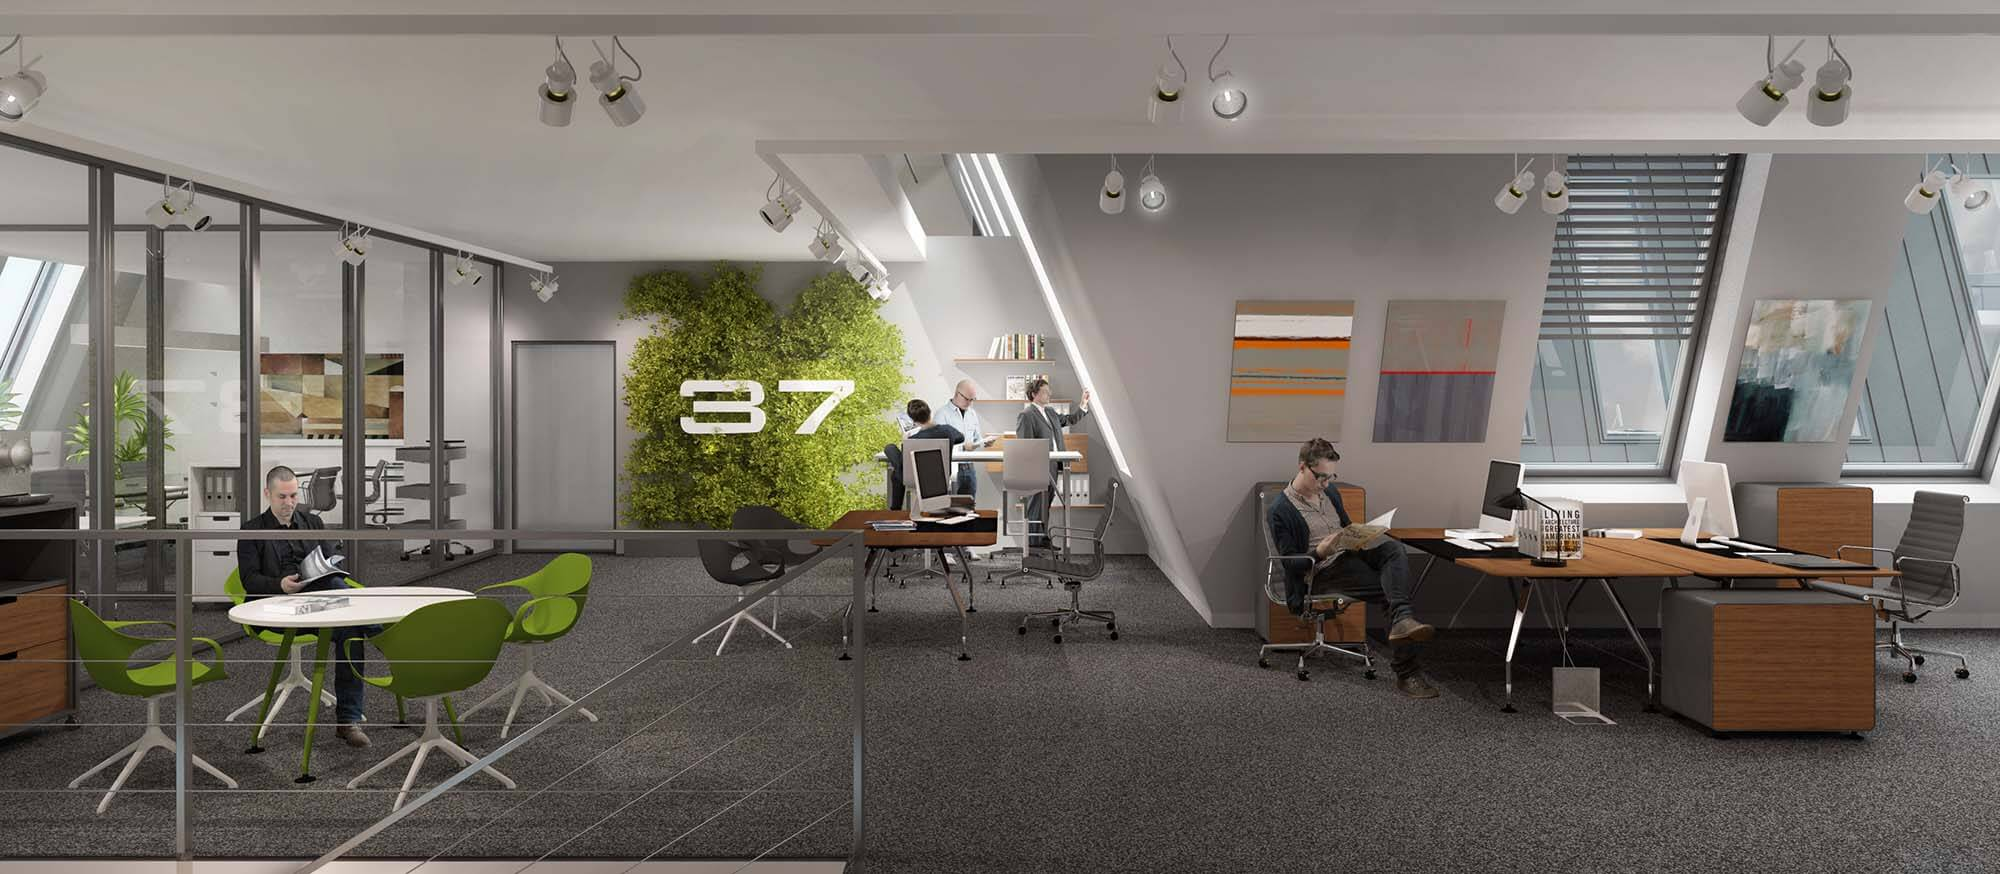 Wizualizacje wnętrz budynku biurowego Poznańska 37